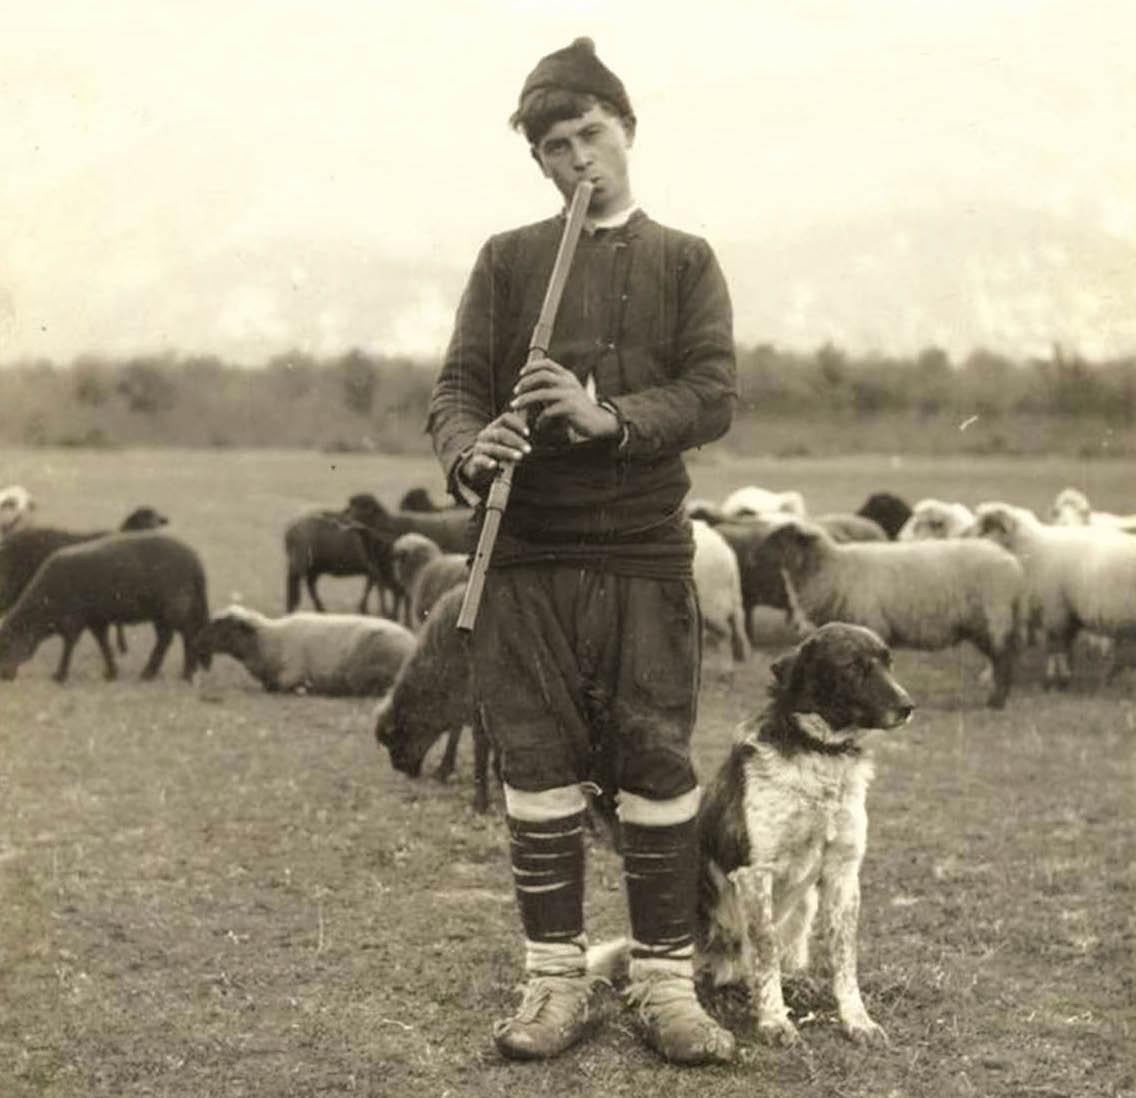 България преживява три войни, но през 1922 г. е на първо място по овцевъдство в Европа.